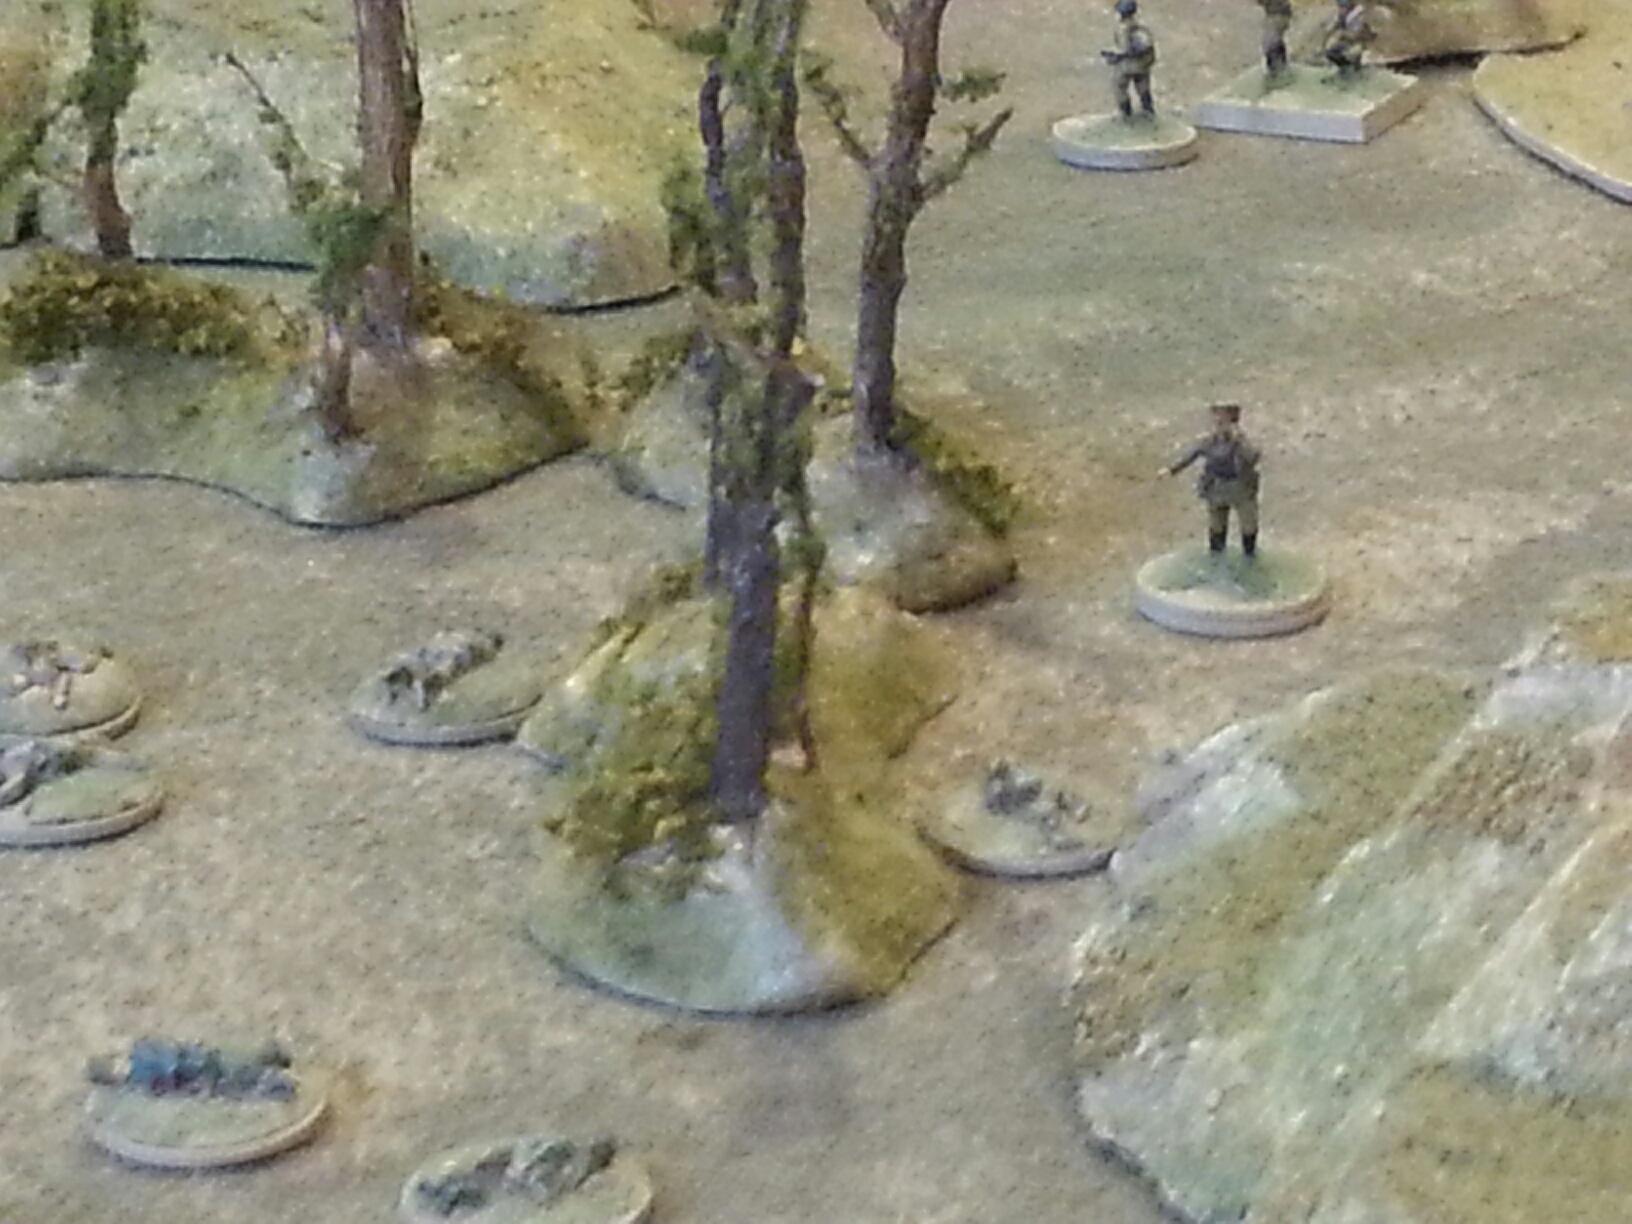 Capt. Bederov surveys the carnage, and wipes a tear